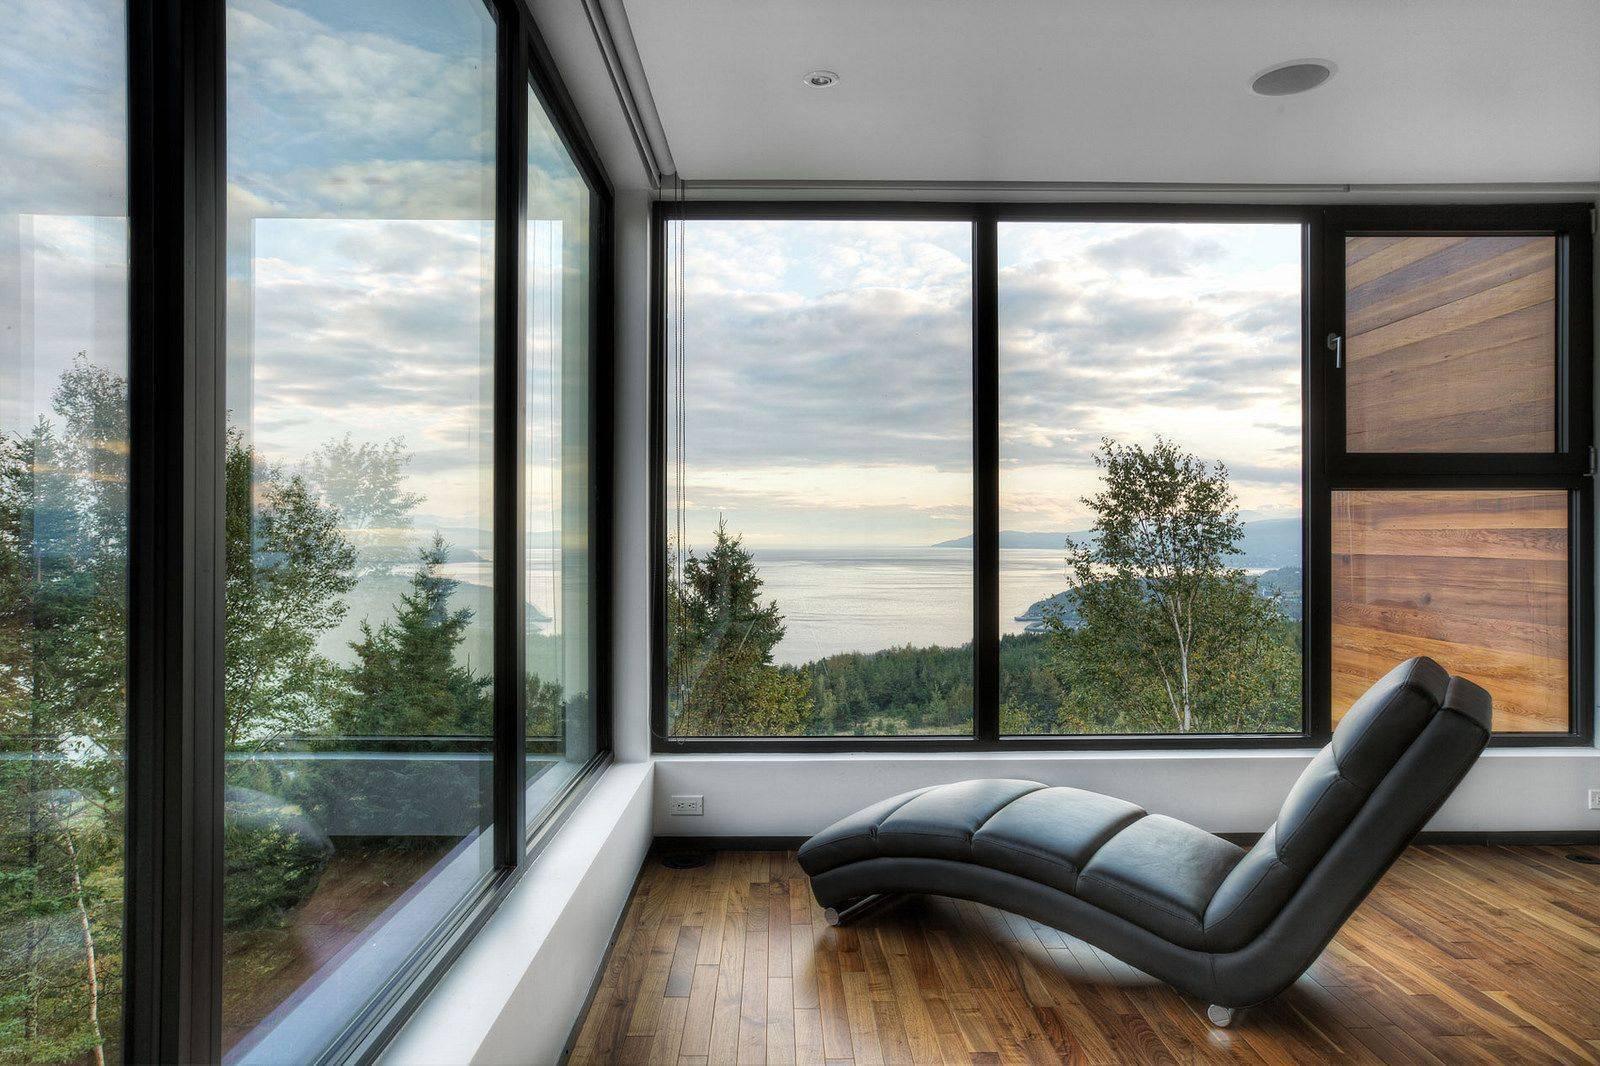 Панорамные окна: когда уместны и как выбрать правильные?